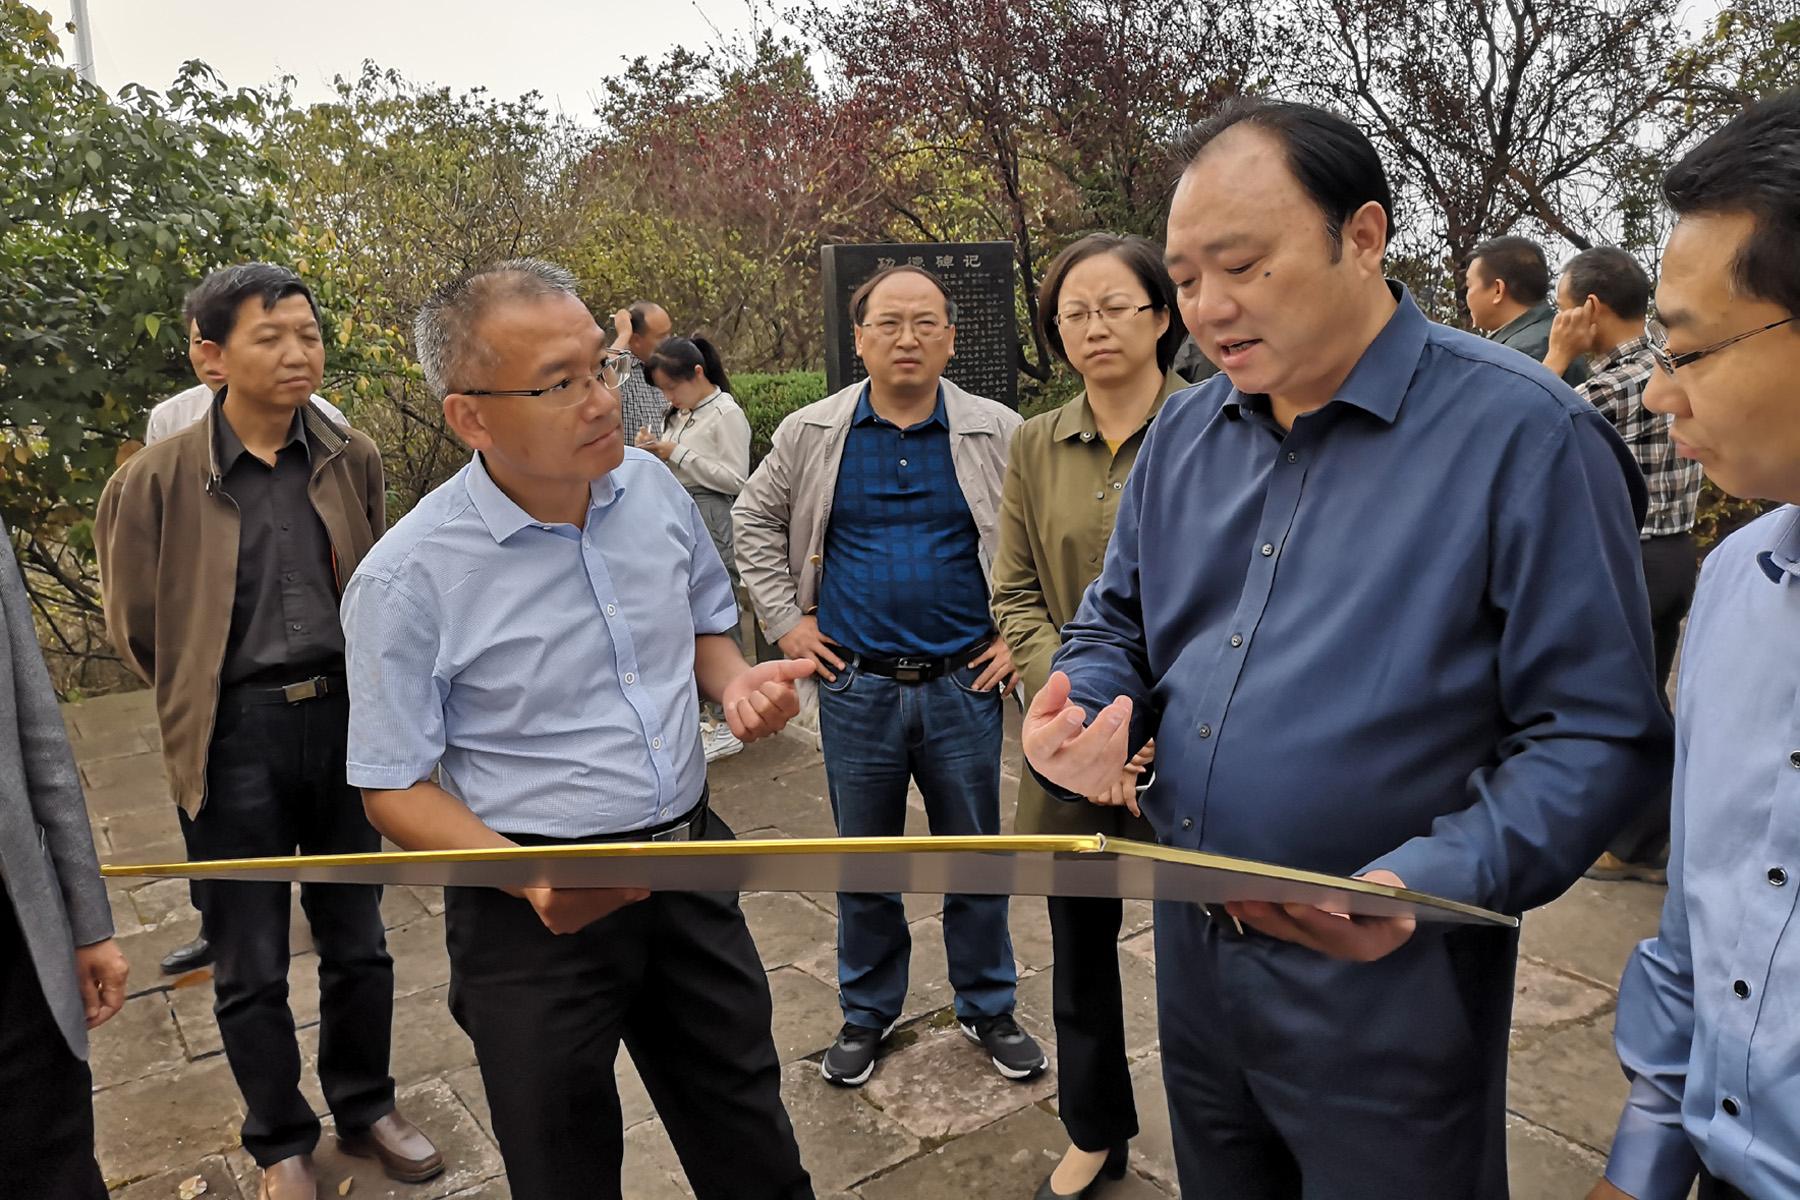 市长胡启生调研羊山矶时听取公司G3铜陵长江公铁大桥工可进展汇报